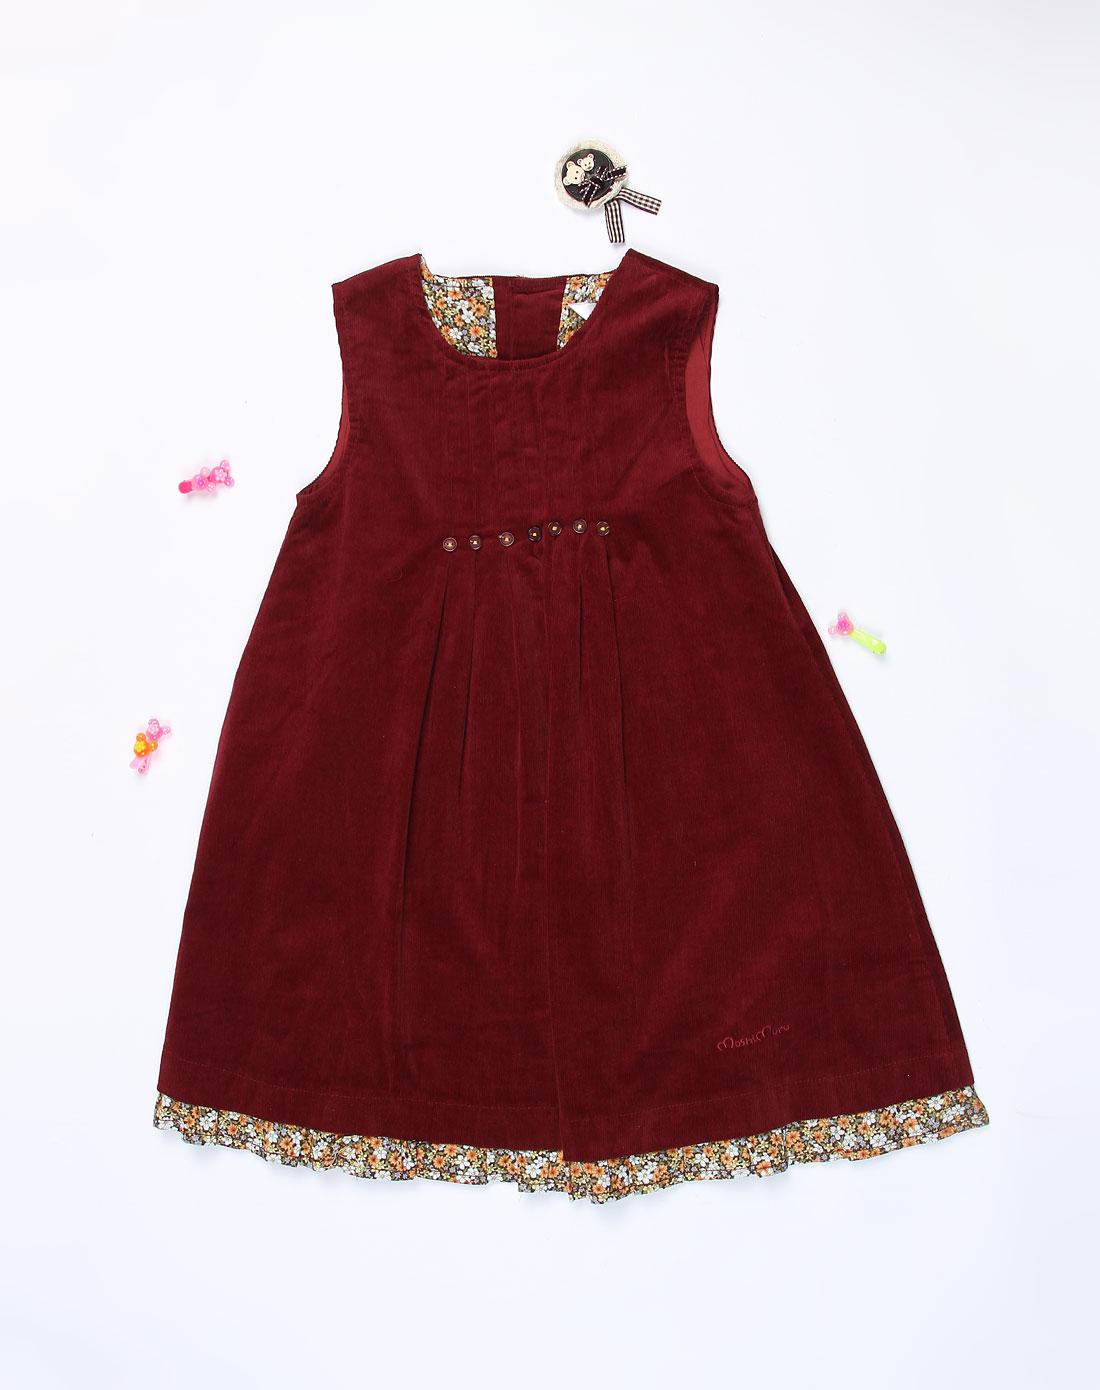 麻希玛柔moshimoro男女童混合专场-女童暗红色背心连衣裙